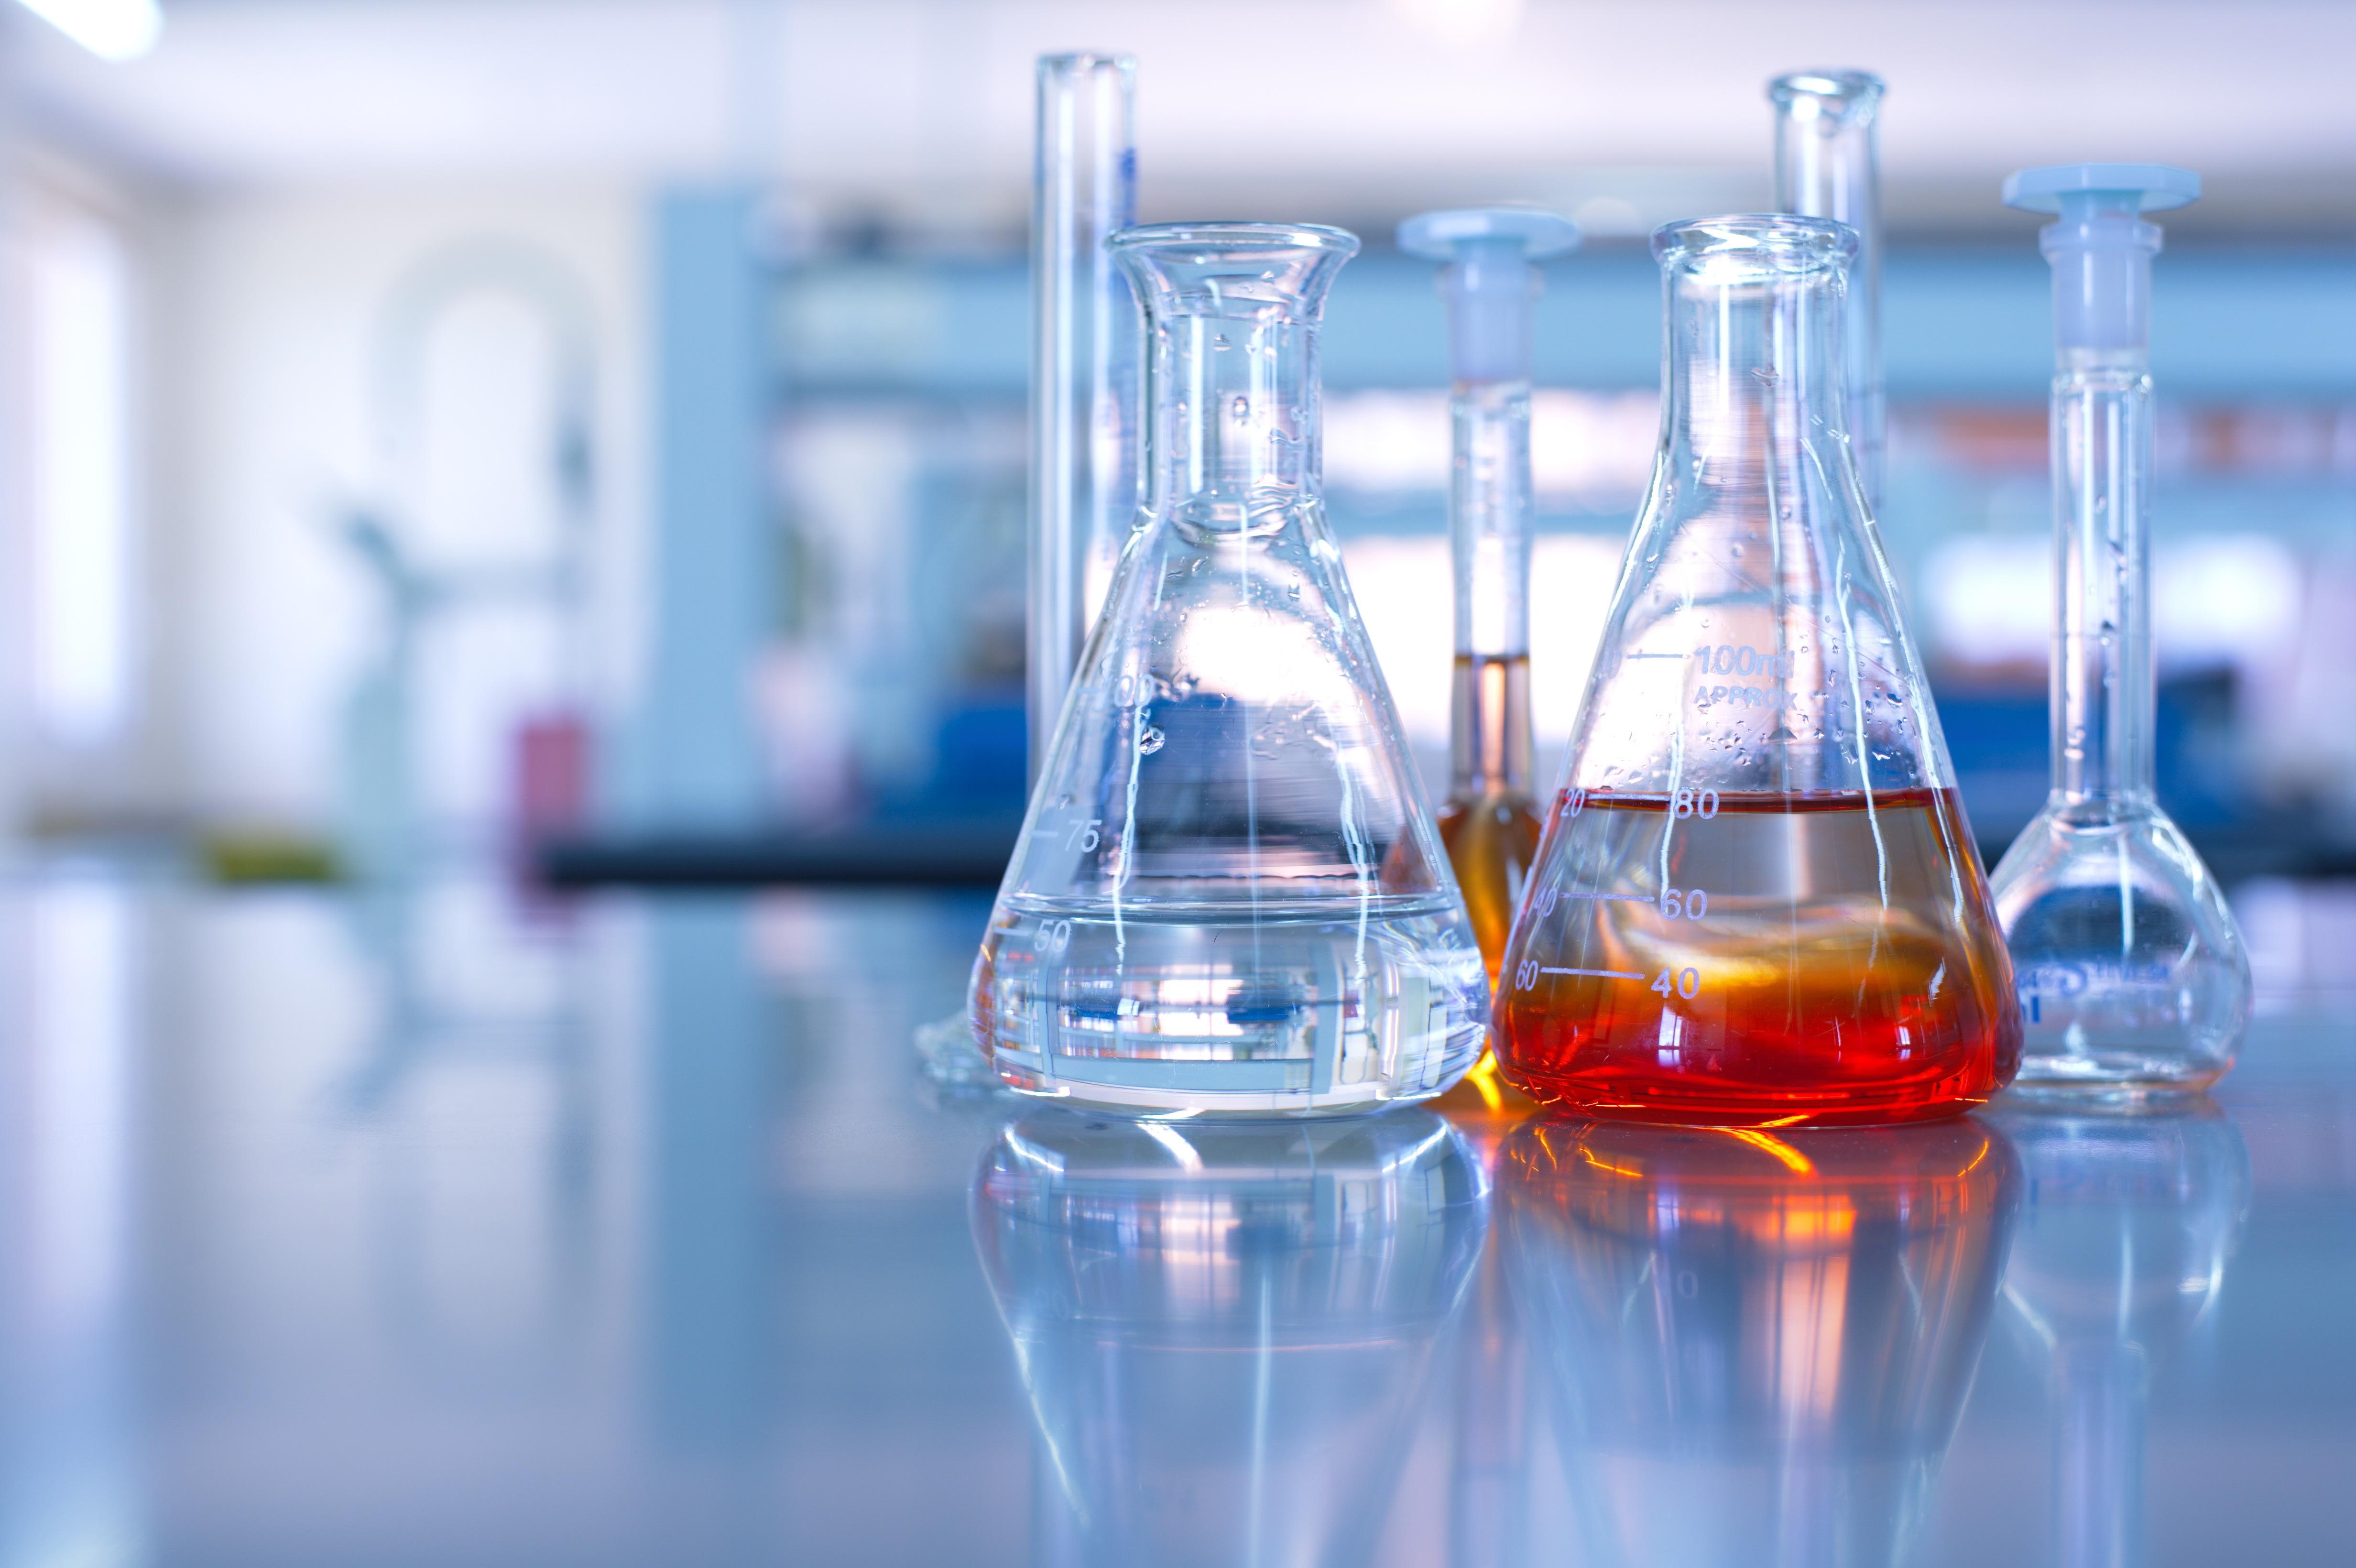 flasks in a lab